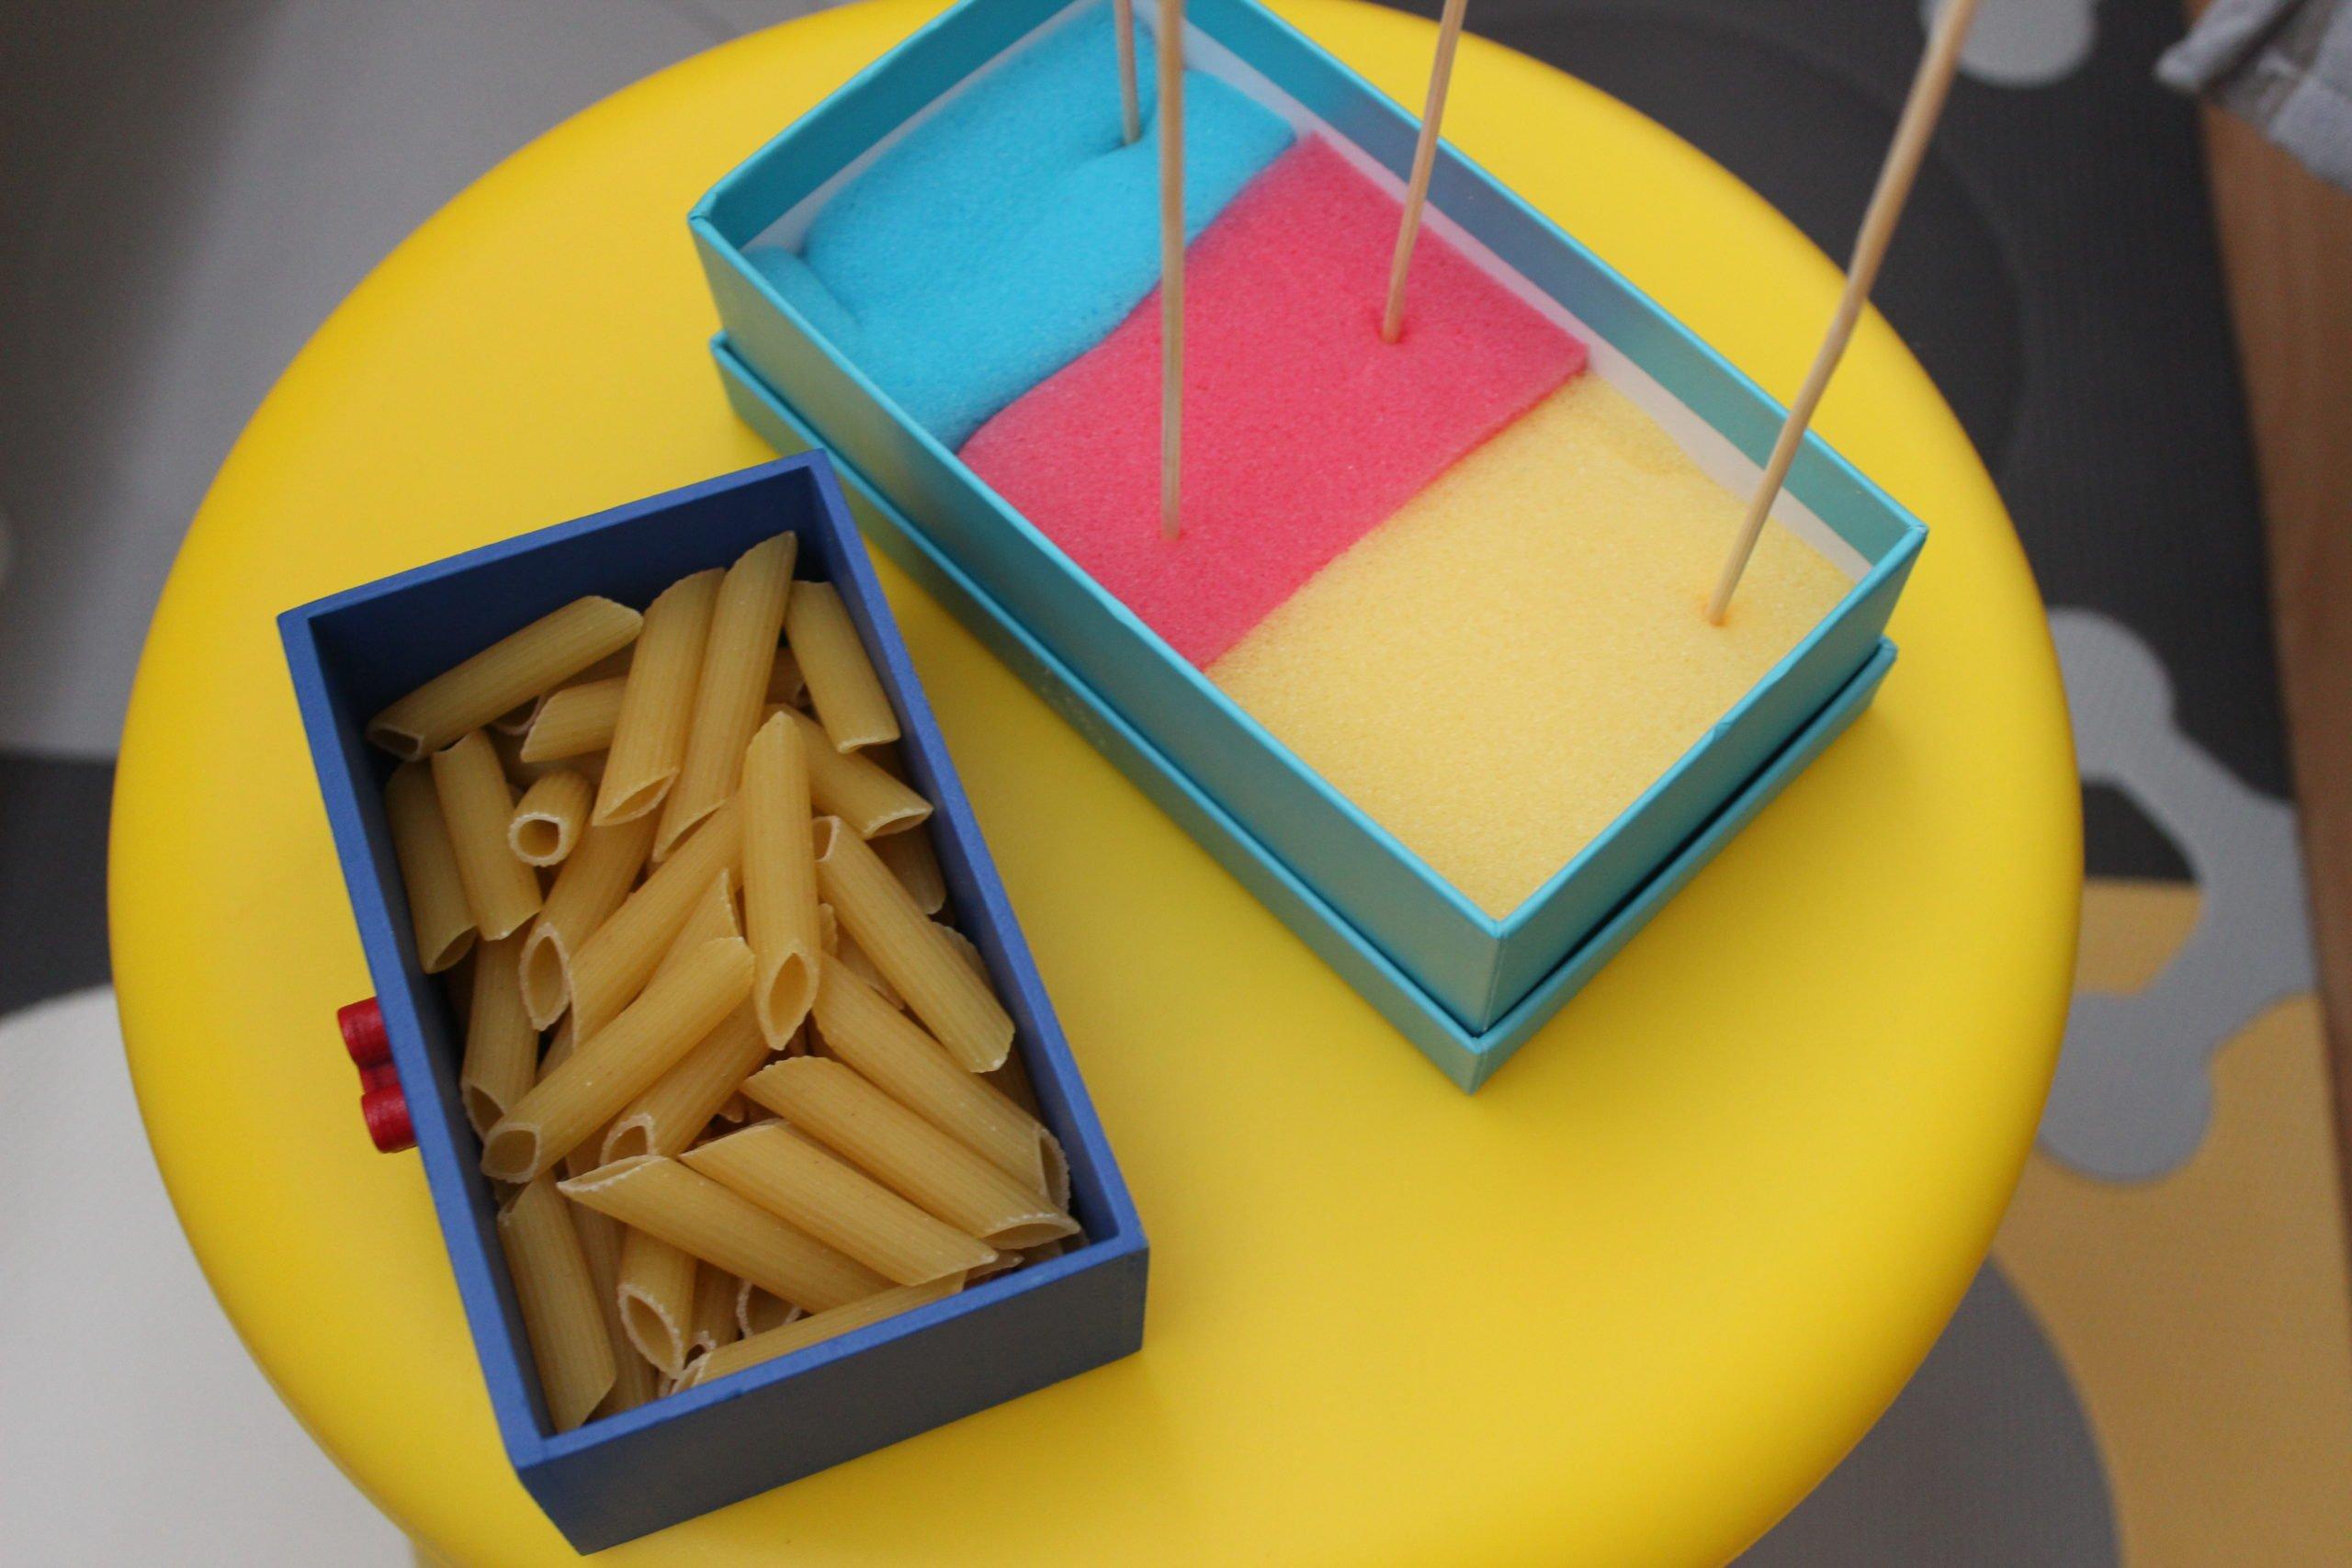 Sorter dla dzieci zrobiony w domu z makaronu